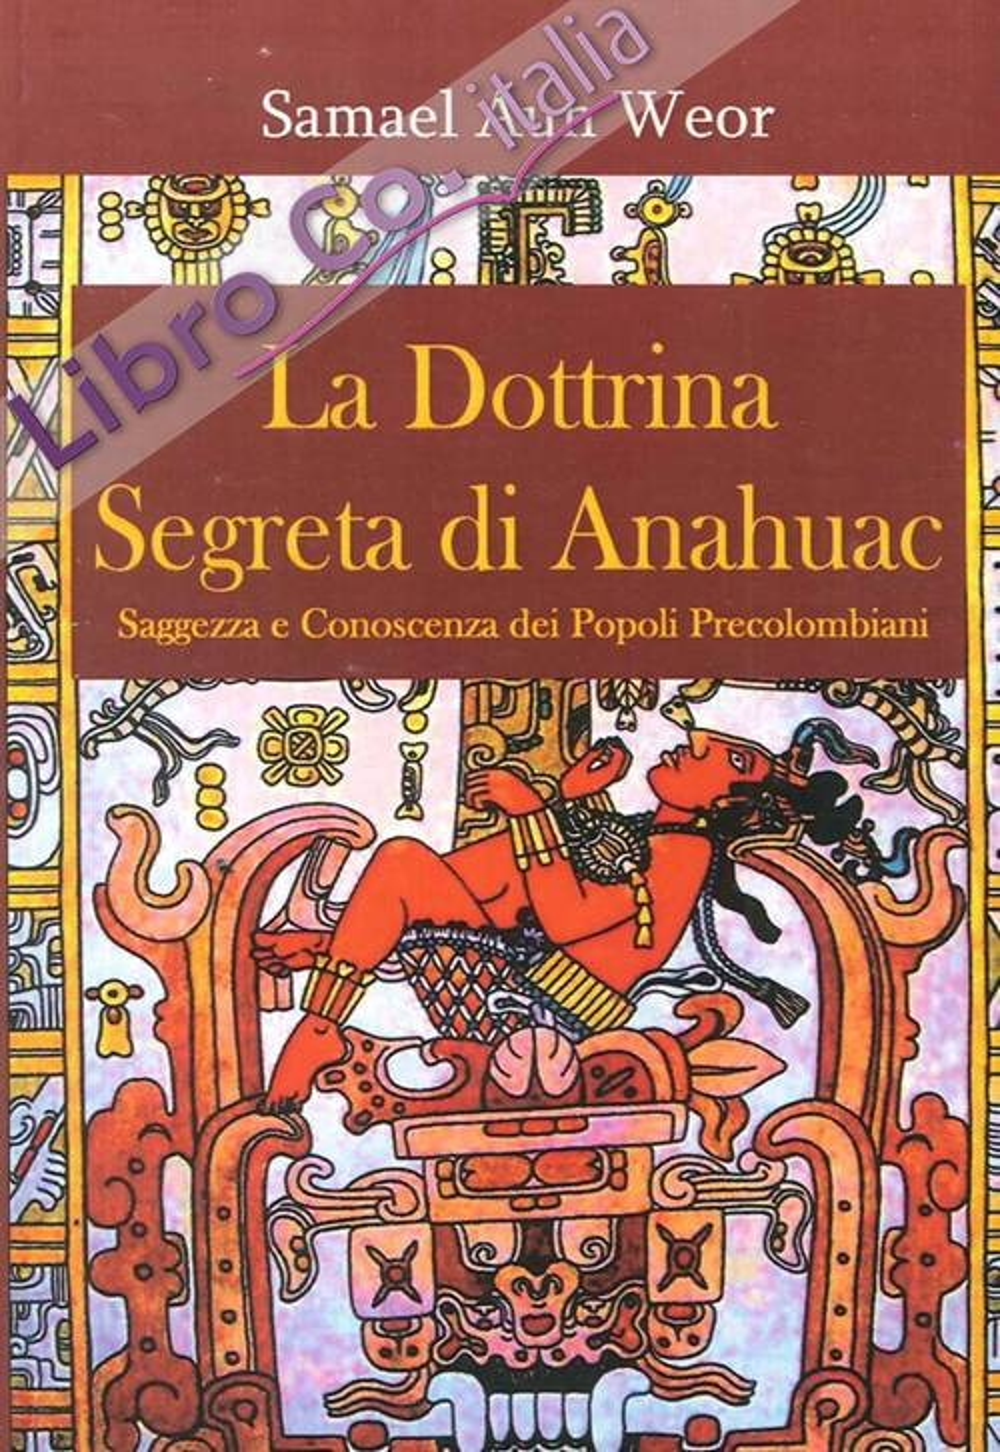 La Dottrina Segreta di Anahuac (1974-75)